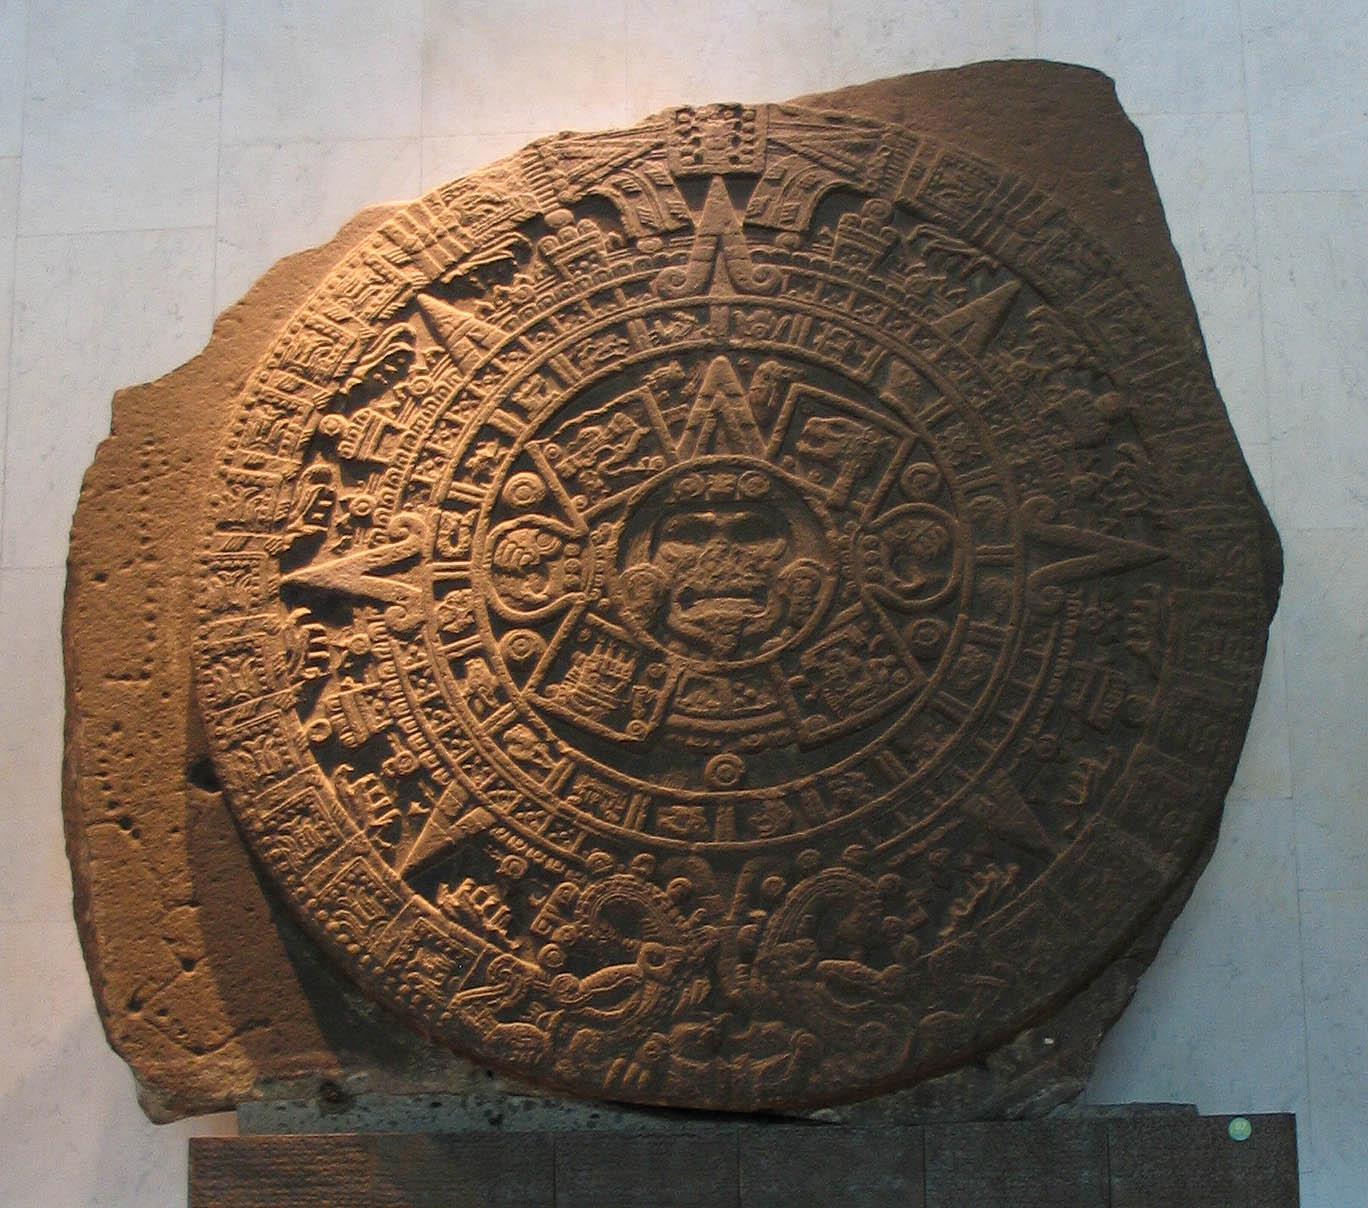 Las culturas prehisp nicas de mesoam rica ana vazquez hoys for Concepto de ceramica